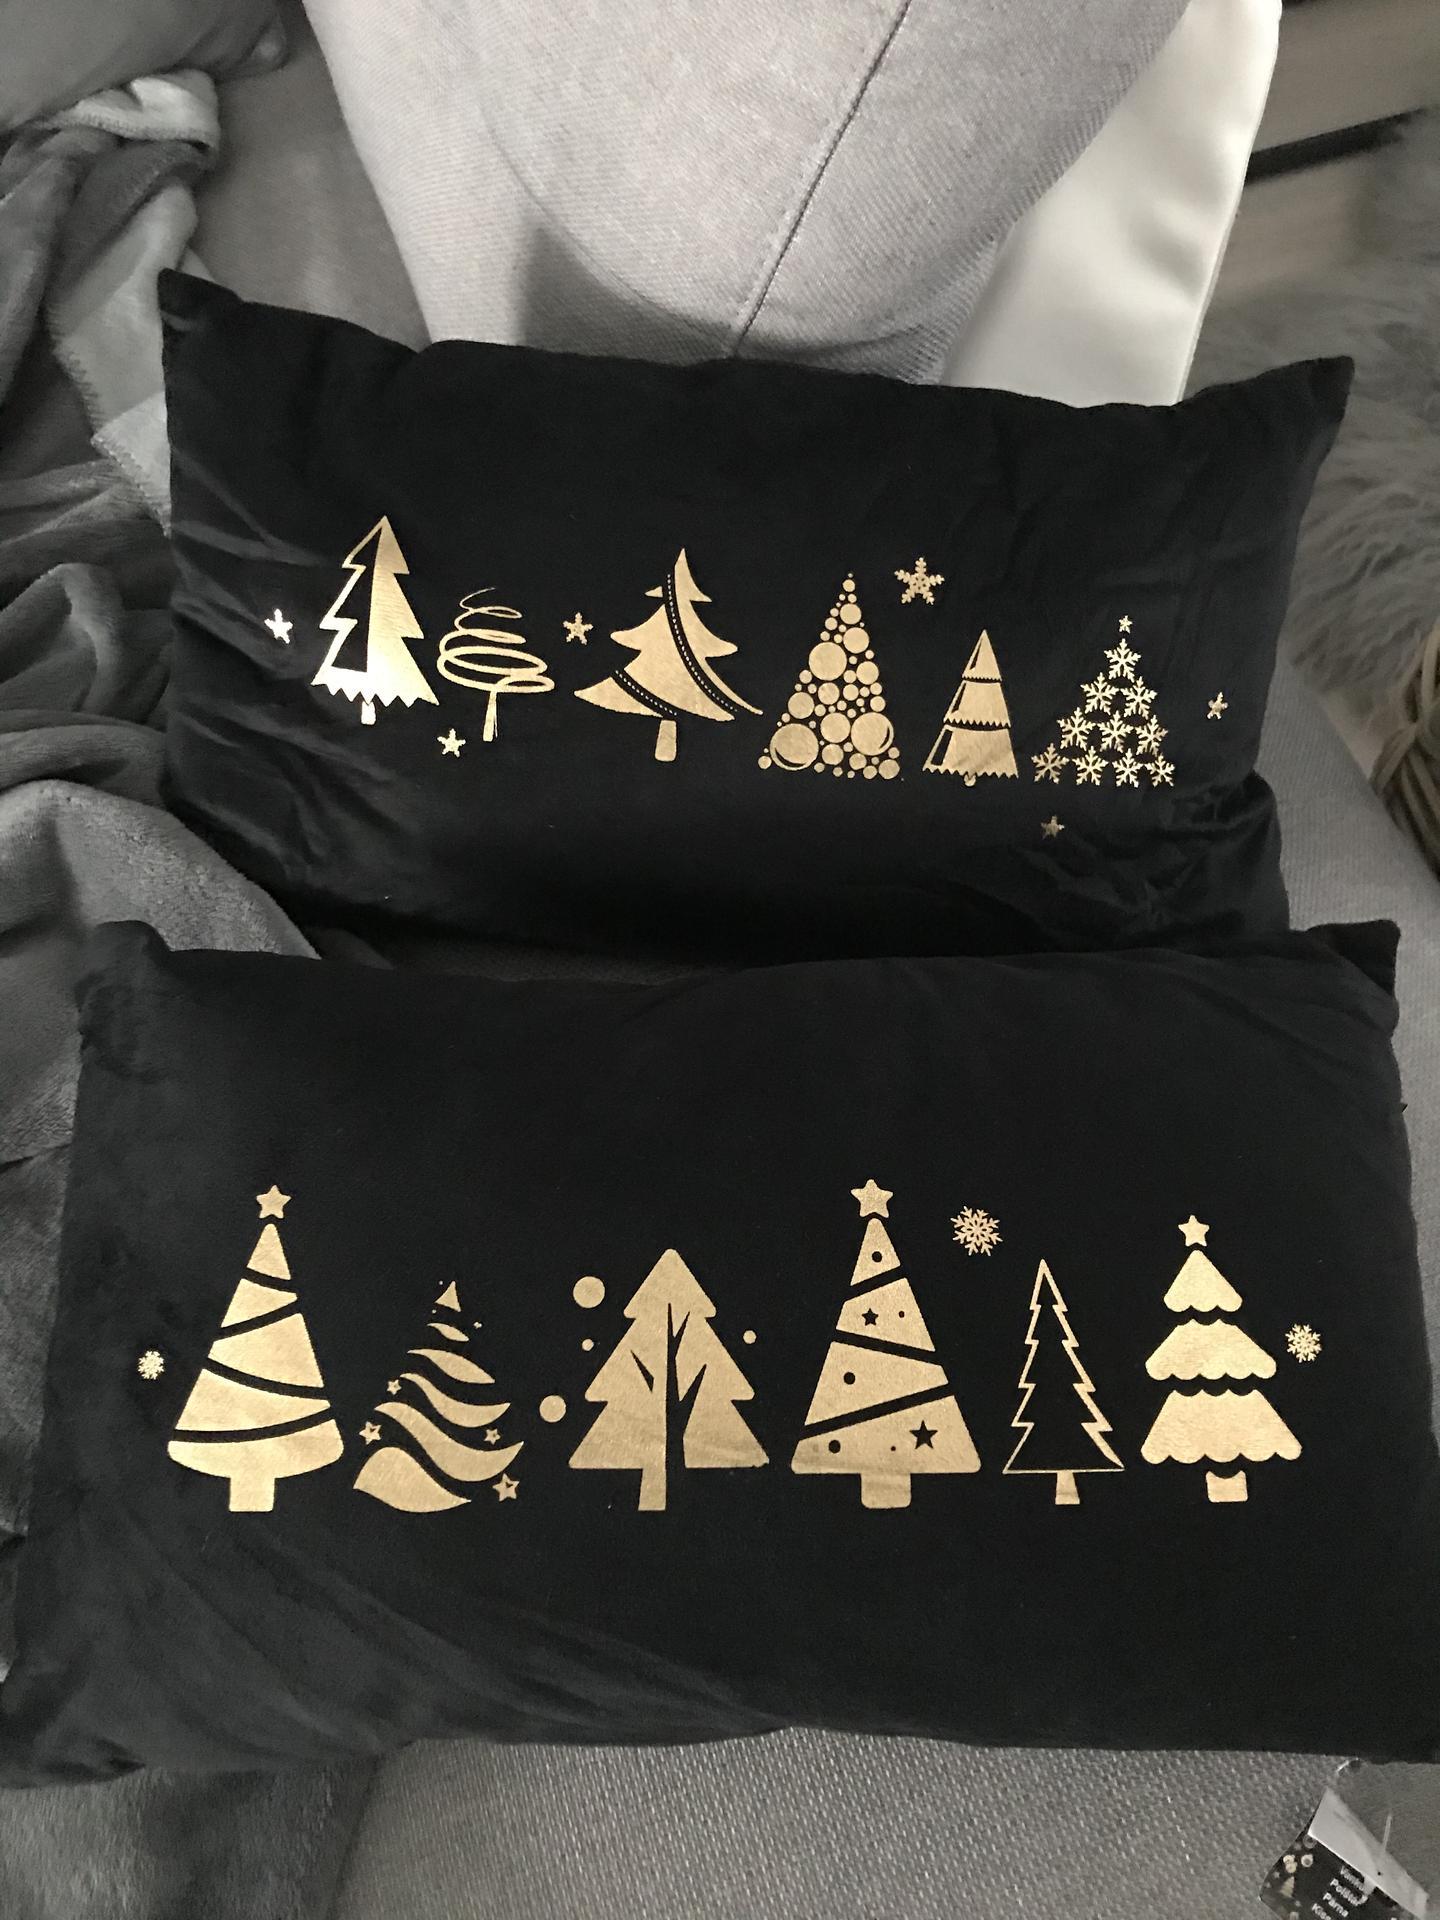 Jsem blázen nakupuji na příští vánoce-černý samet-Tesco-99 kč🙈-výprodej. - Obrázek č. 1